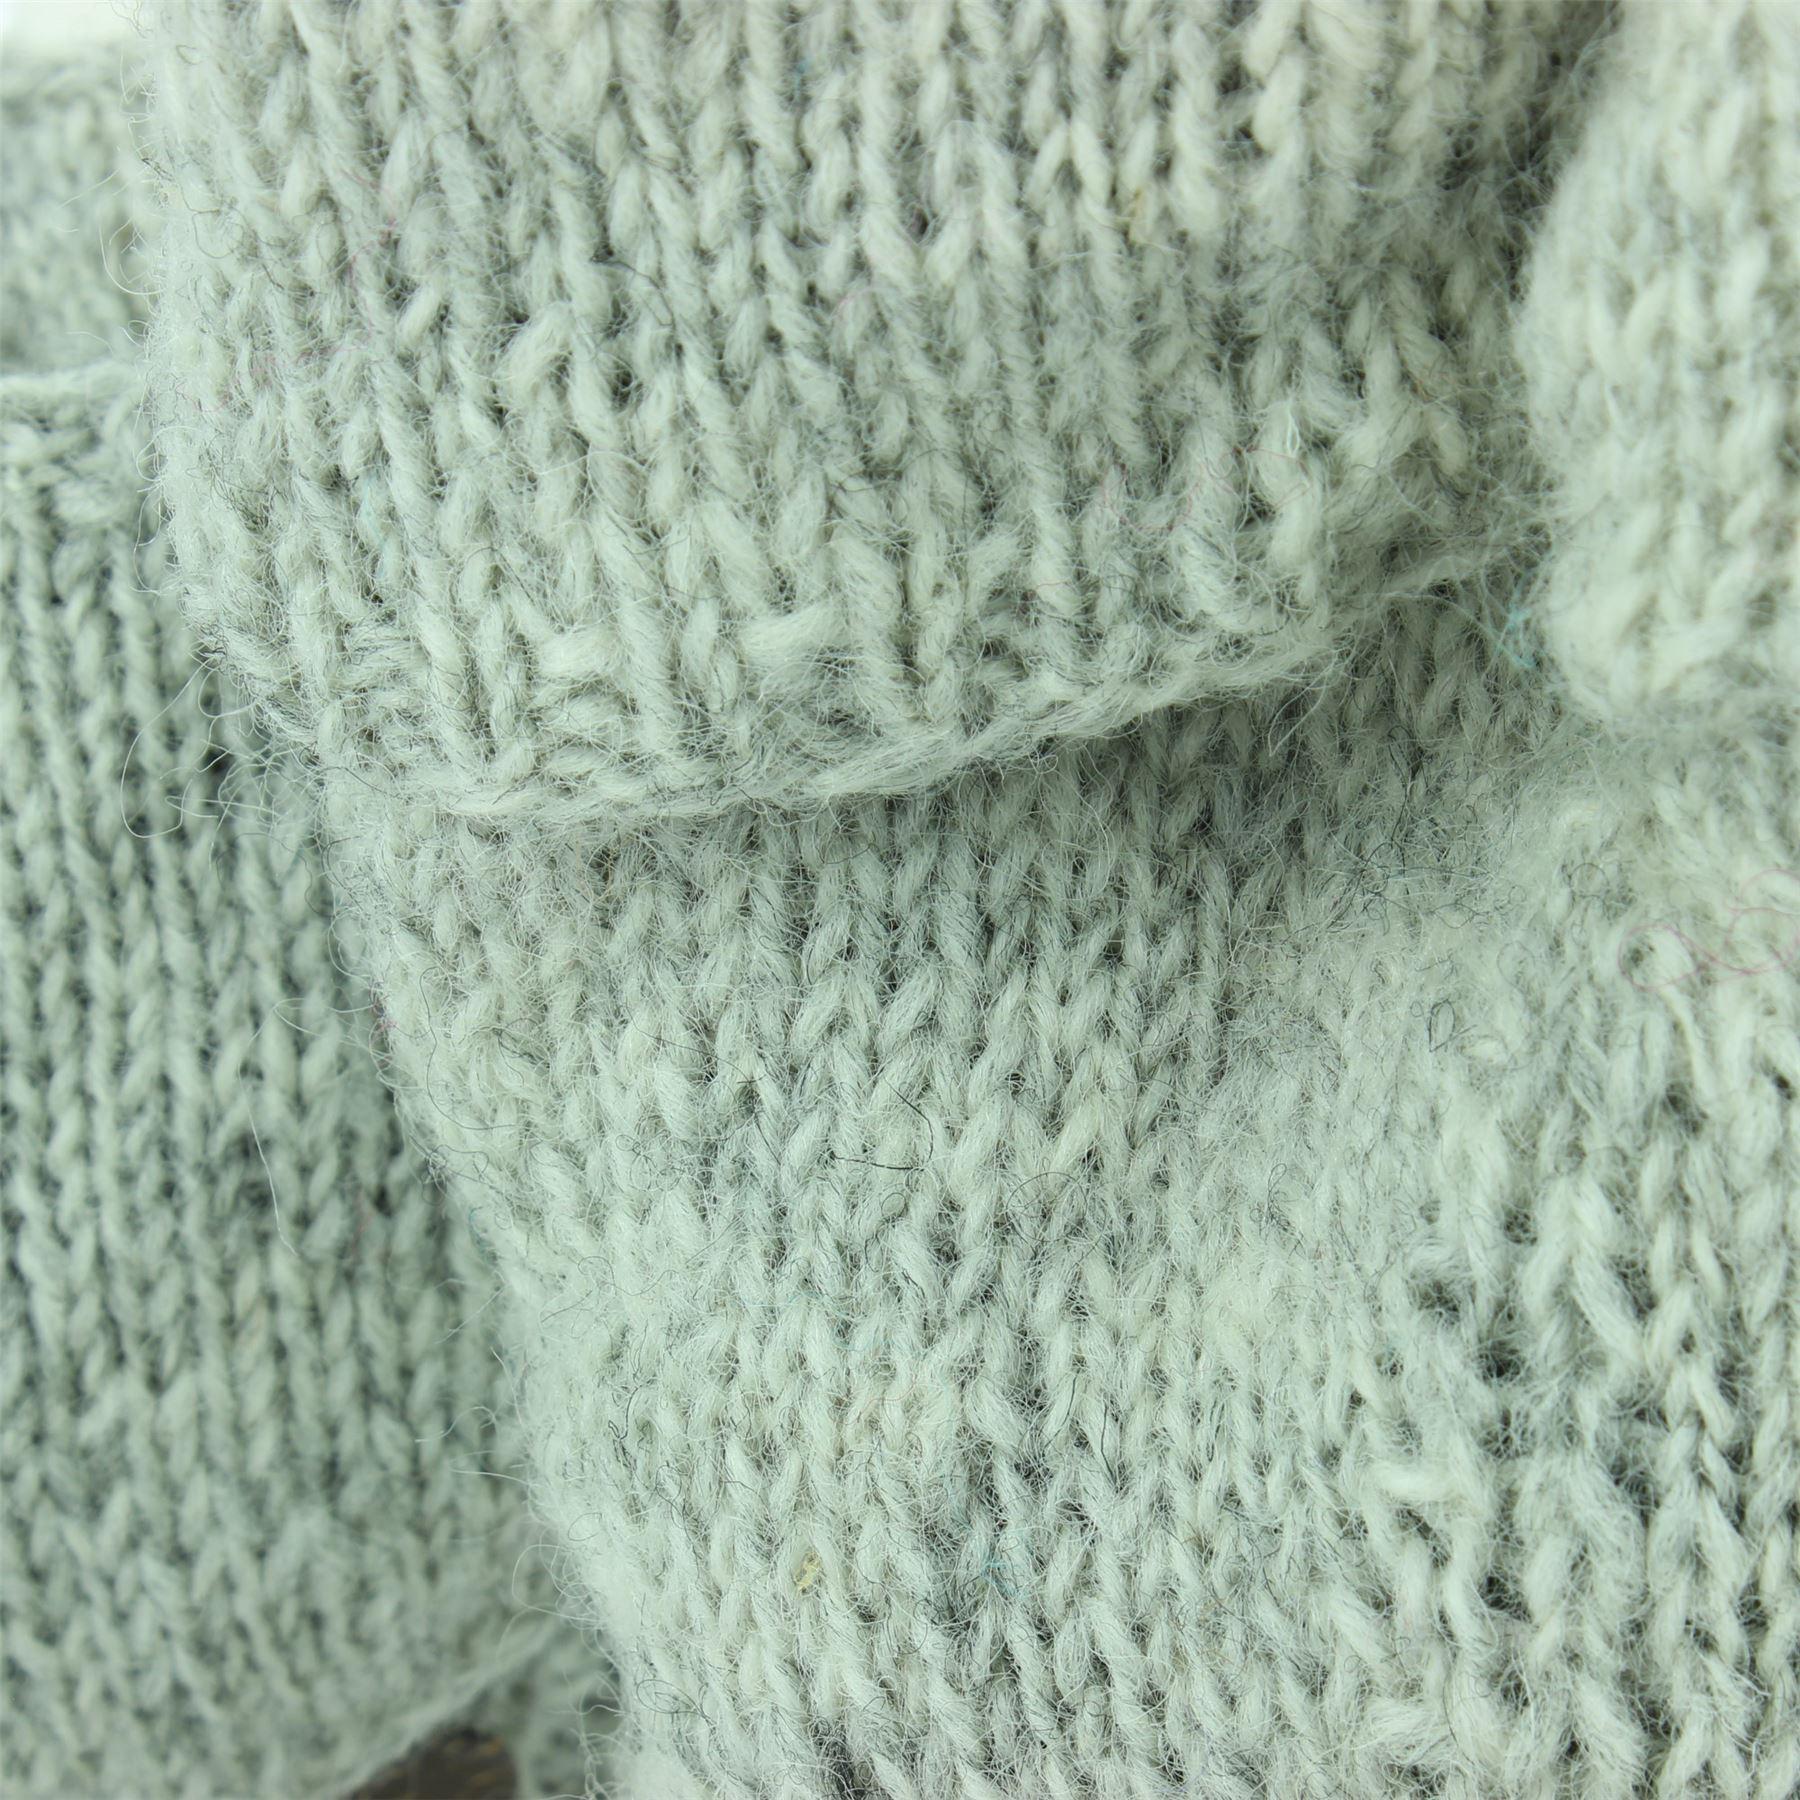 Wool-Gloves-Mittens-Fingerless-Shooter-Lined-PLAIN-Knit-Handmade-LoudElephant miniatura 9